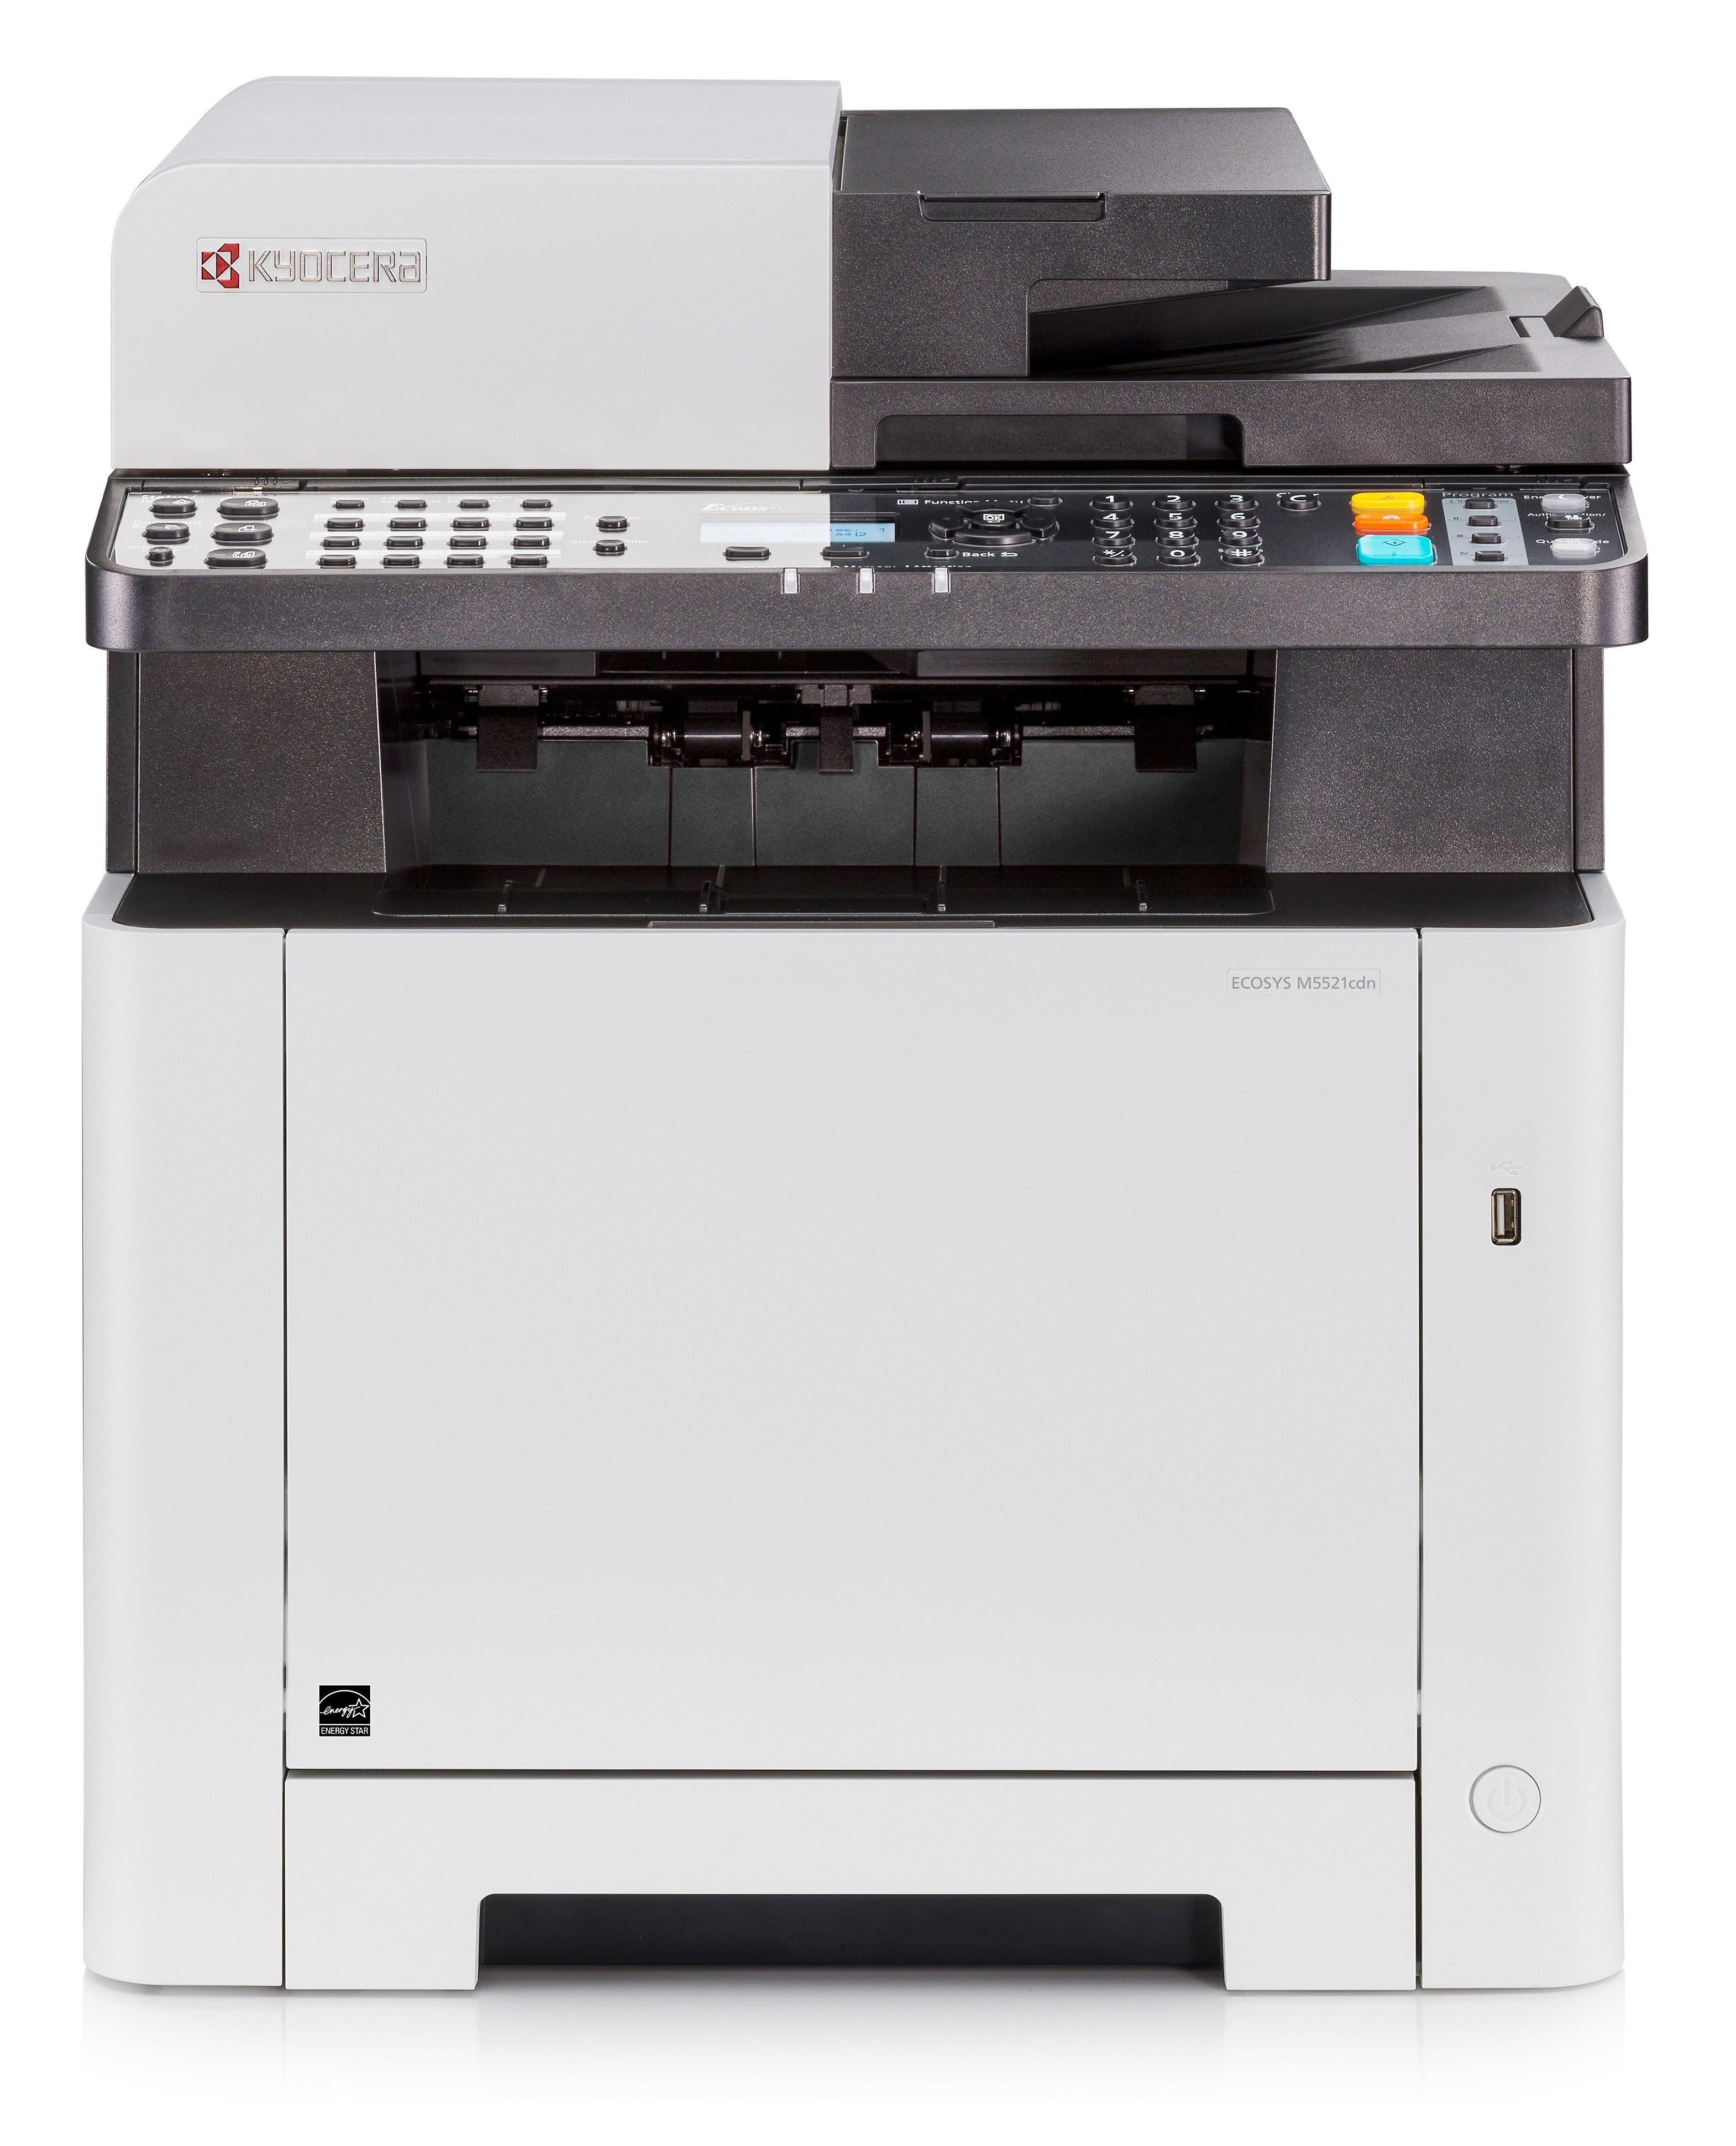 Kyocera M5521cdn A4, színes, lézer multifunkciós nyomtató hálózatos, duplex